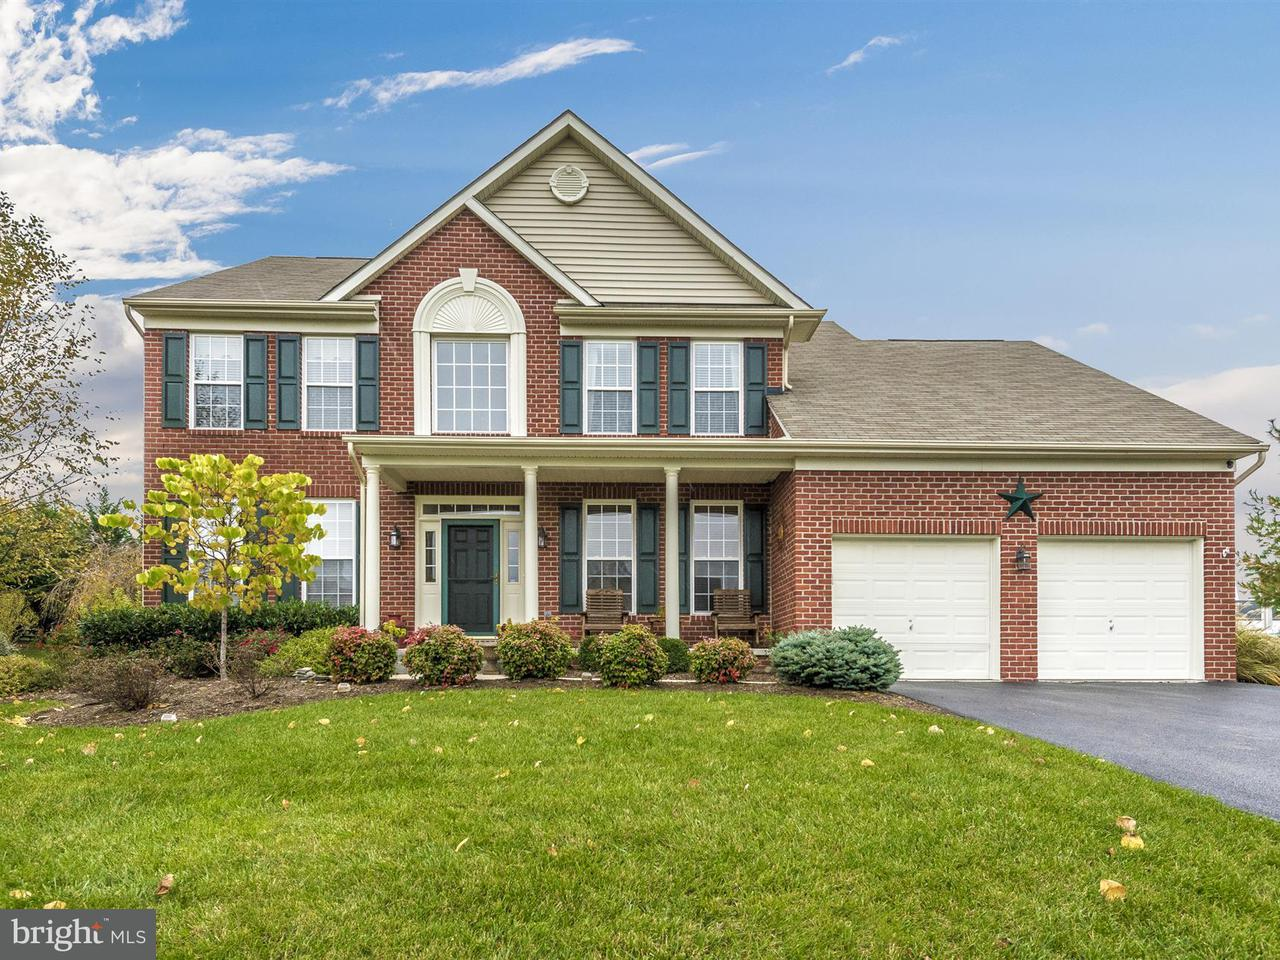 Μονοκατοικία για την Πώληση στο 3329 BROCKTON Drive 3329 BROCKTON Drive Jefferson, Μεριλαντ 21755 Ηνωμενεσ Πολιτειεσ